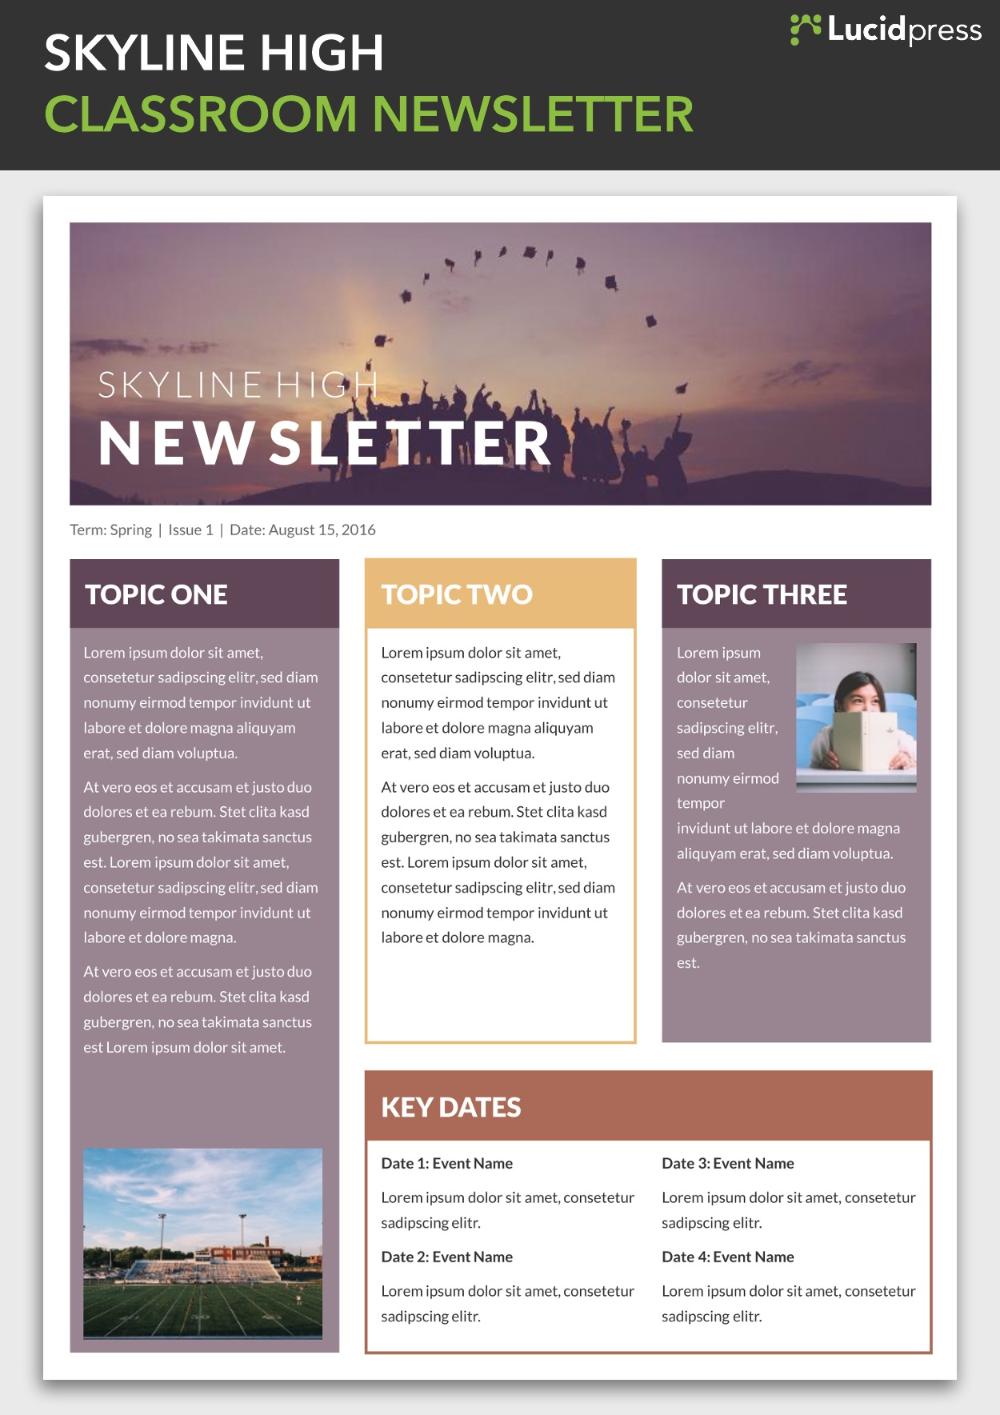 Skyline High Classroom Newsletter Template Newsletter Template Free Classroom Newsletter Classroom Newsletter Template